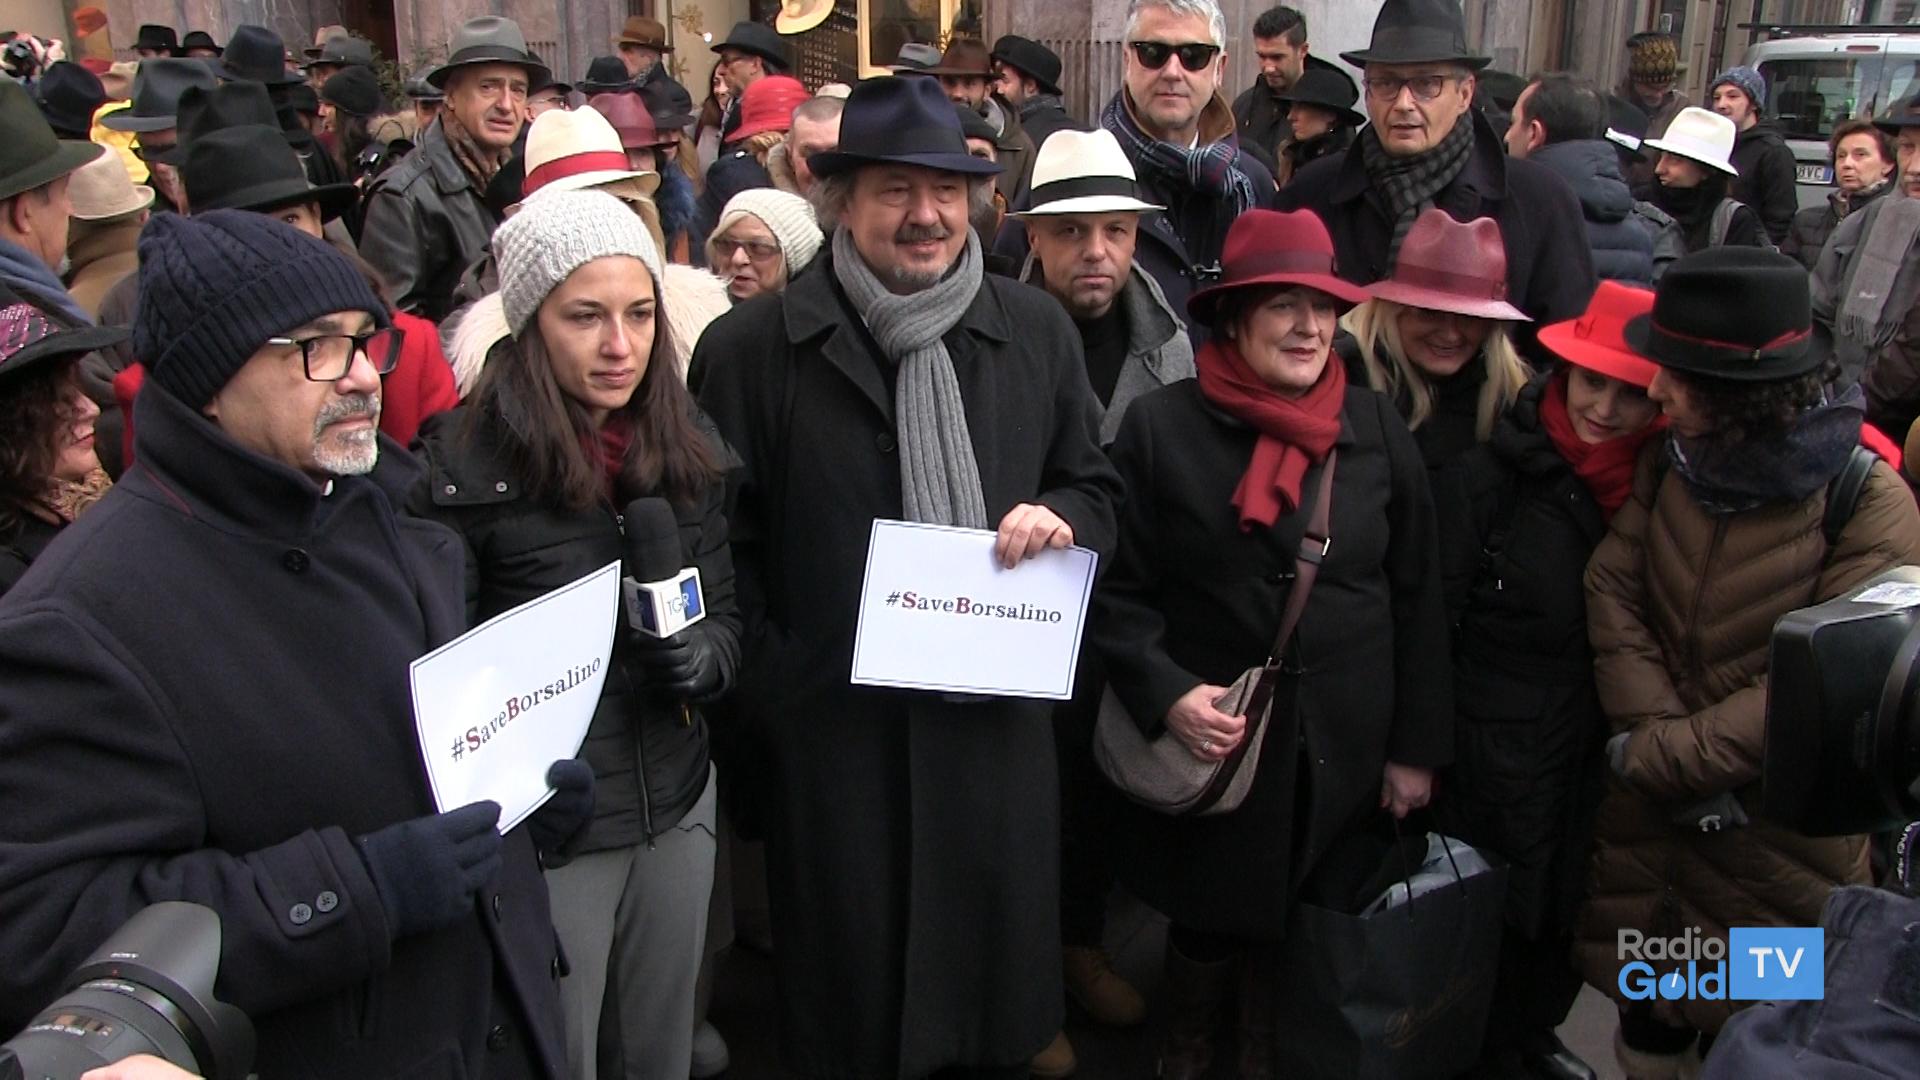 Folla in corso Roma per la Borsalino a87011e44a3e